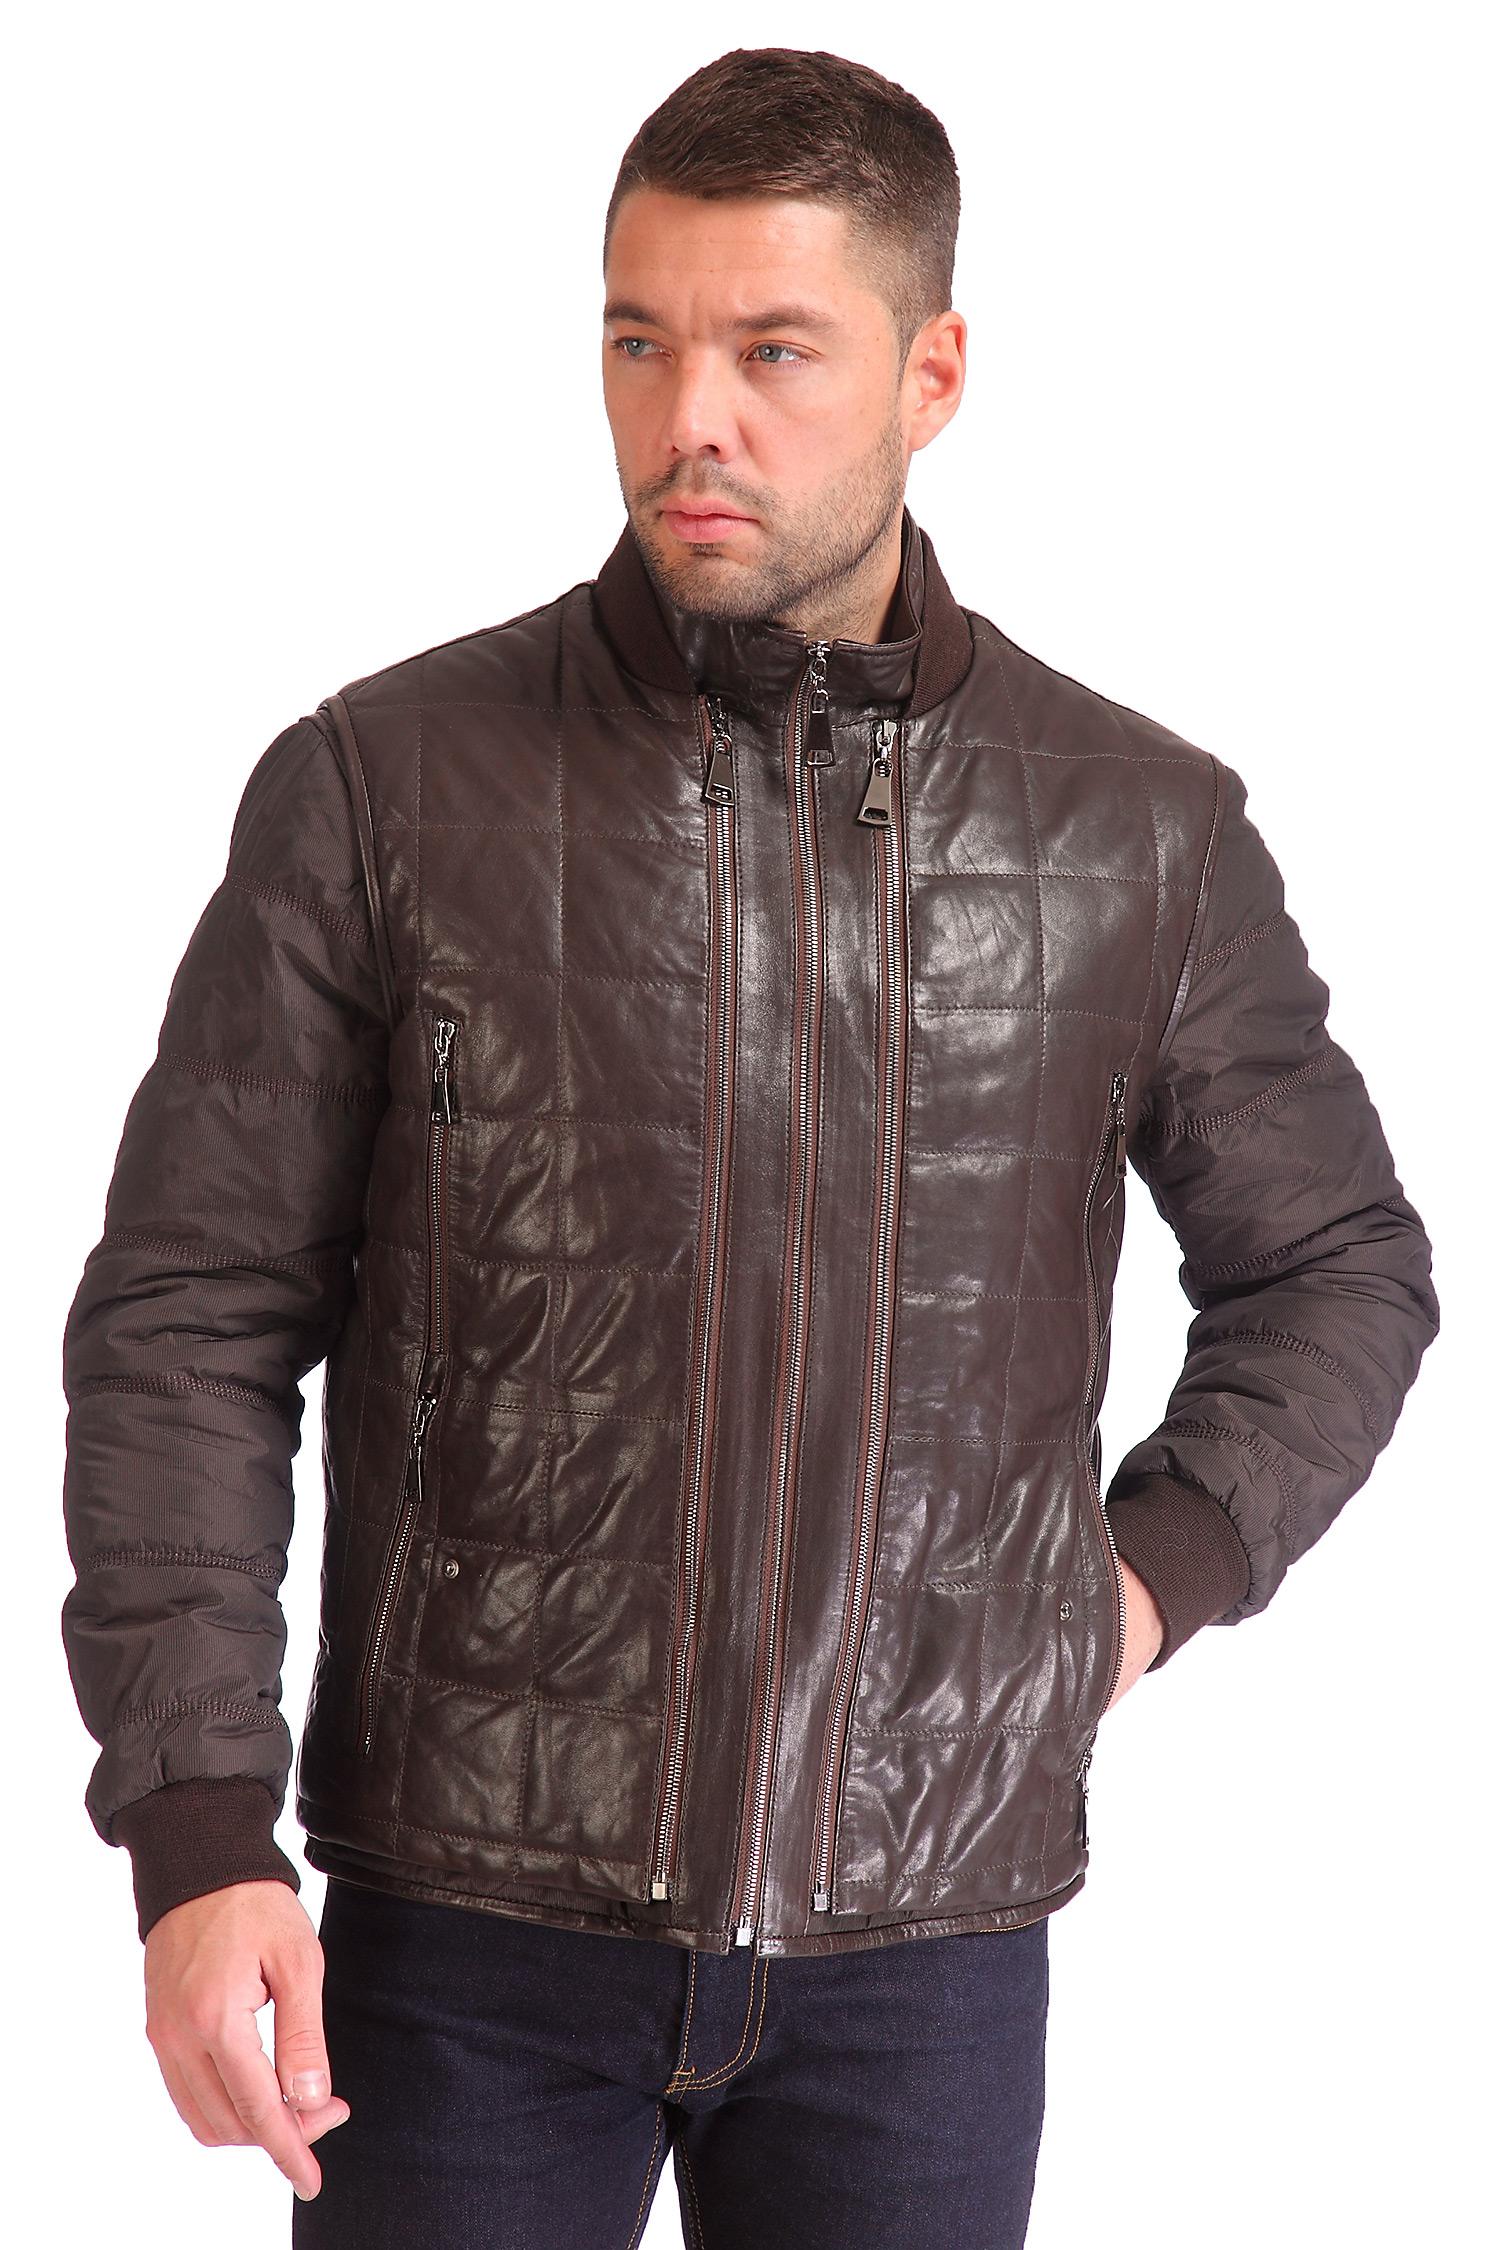 Мужская кожаная куртка из натуральной кожи утепленная<br><br>Воротник: стойка<br>Длина см: Короткая (51-74 )<br>Материал: Кожа овчина<br>Цвет: коричневый<br>Вид застежки: центральная<br>Застежка: на молнии<br>Пол: Мужской<br>Размер RU: 54